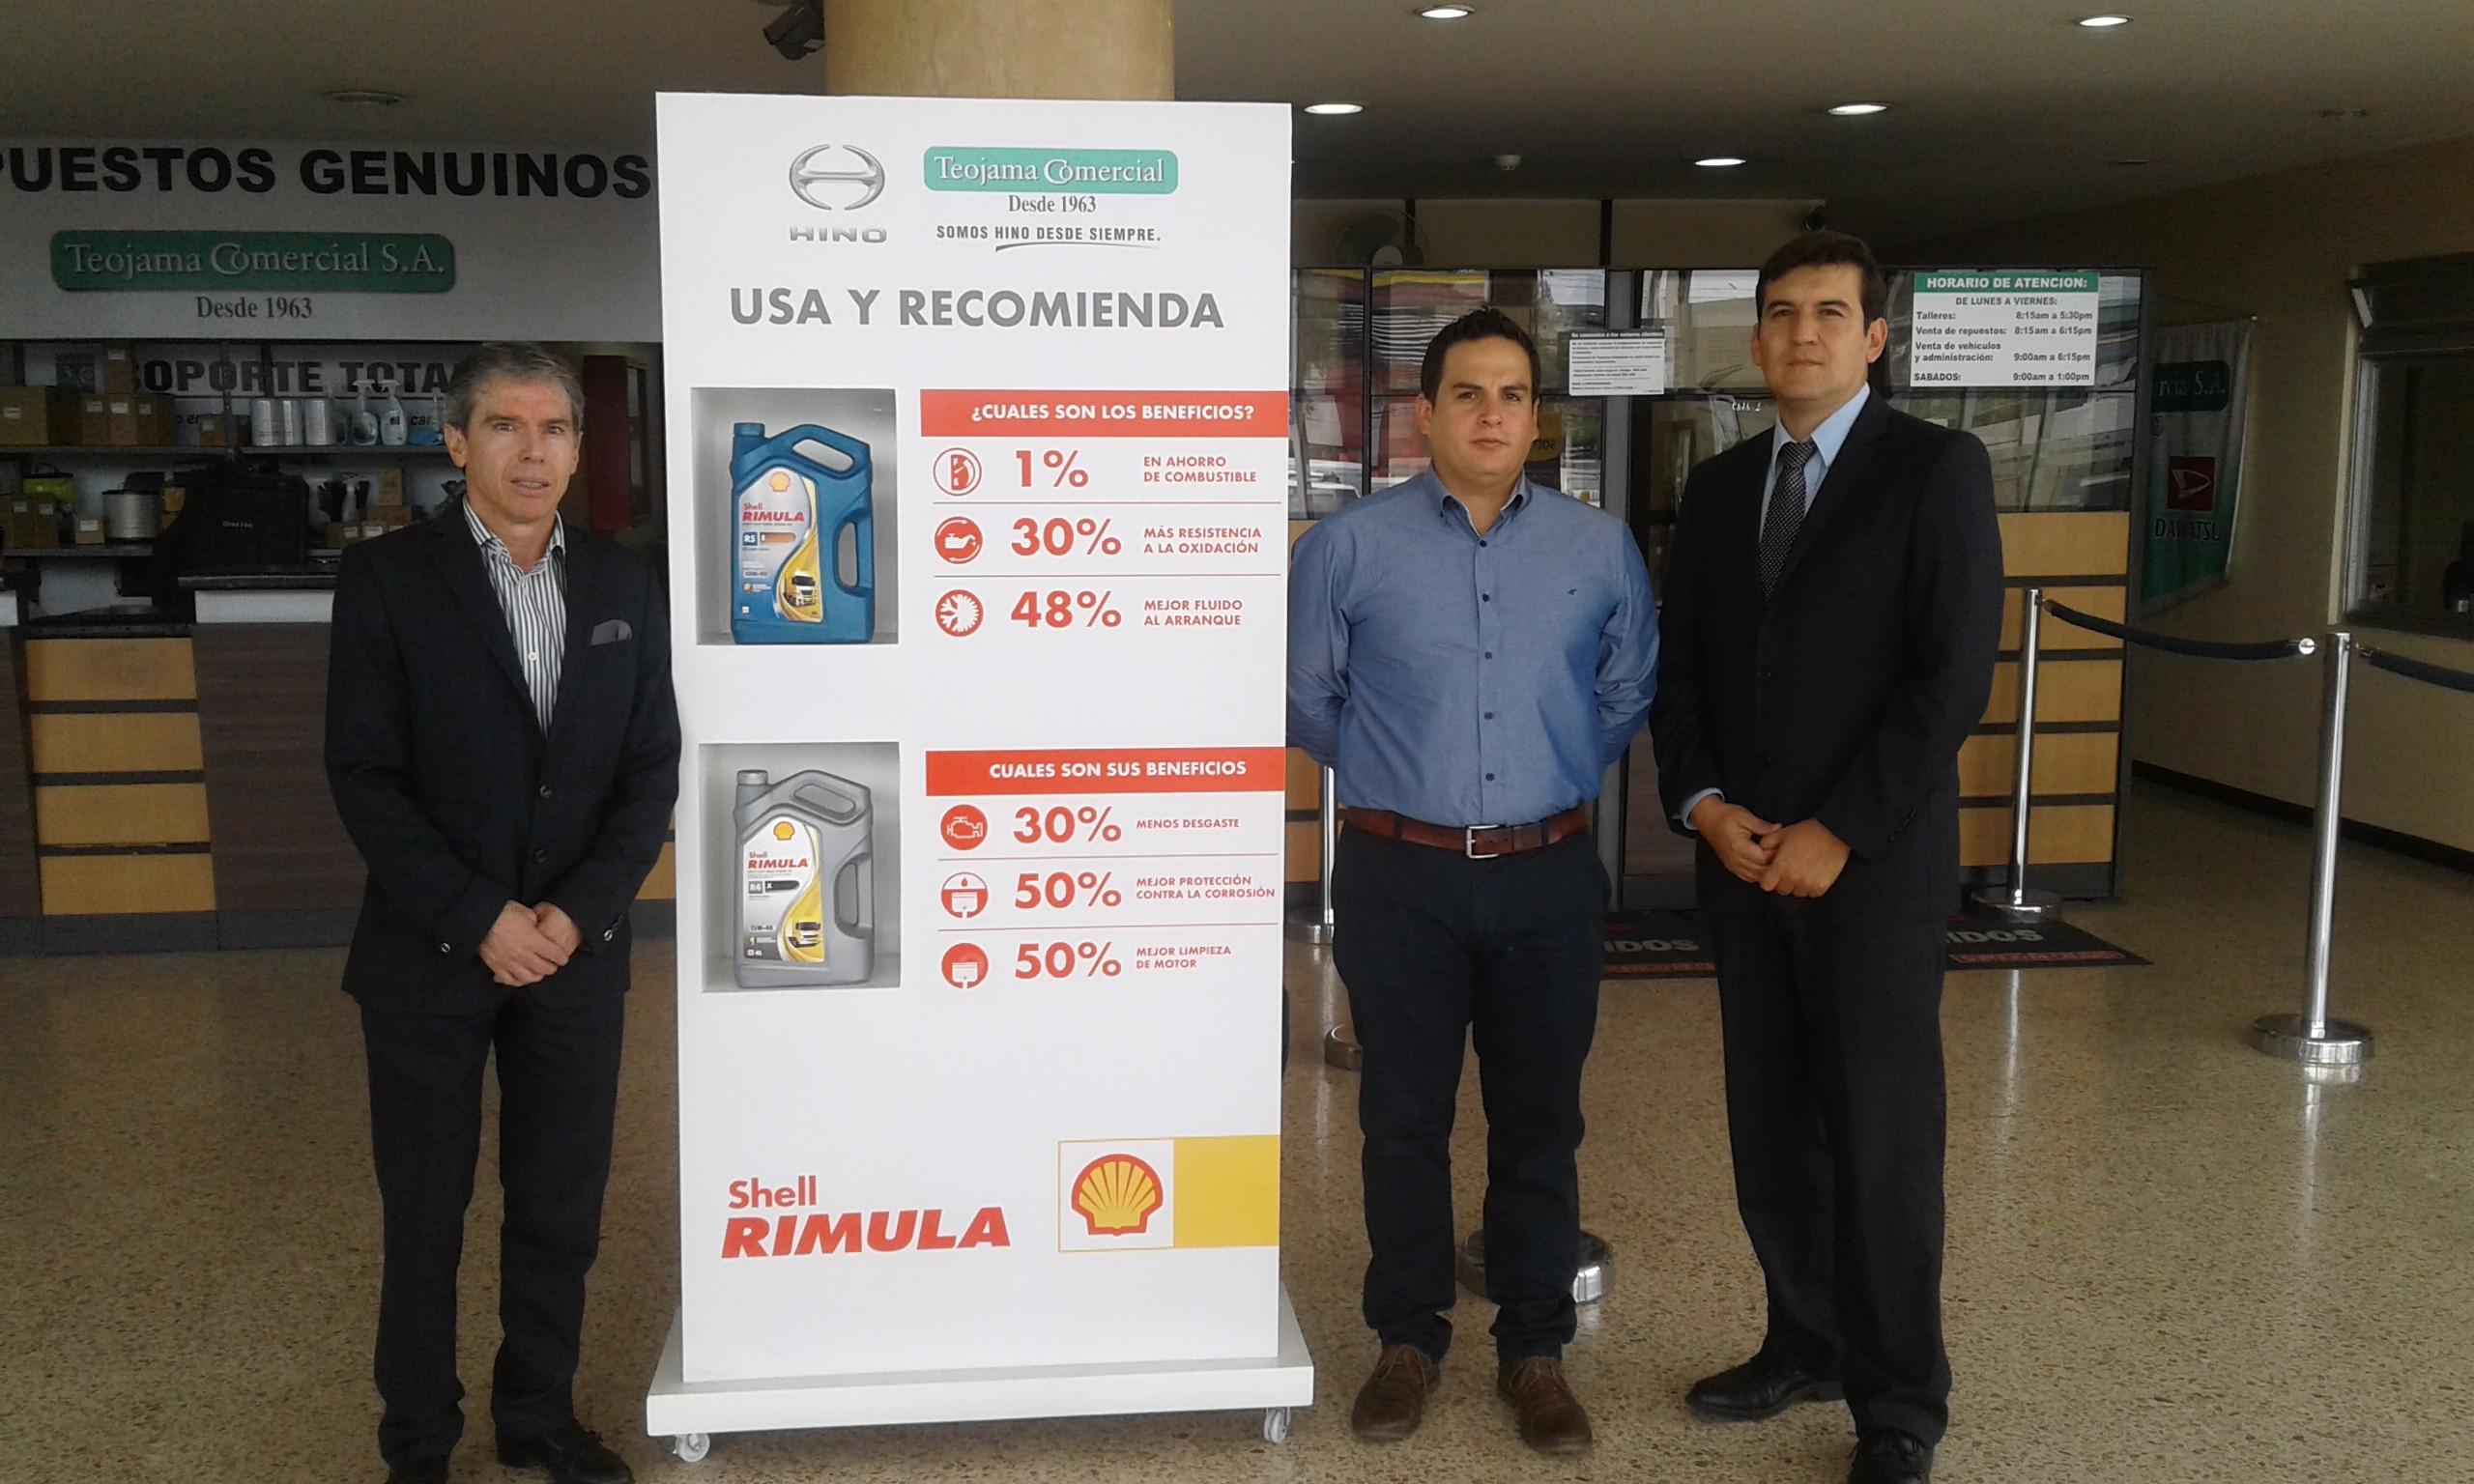 Teojama Comercial renovó su alianza con Primax del Ecuador